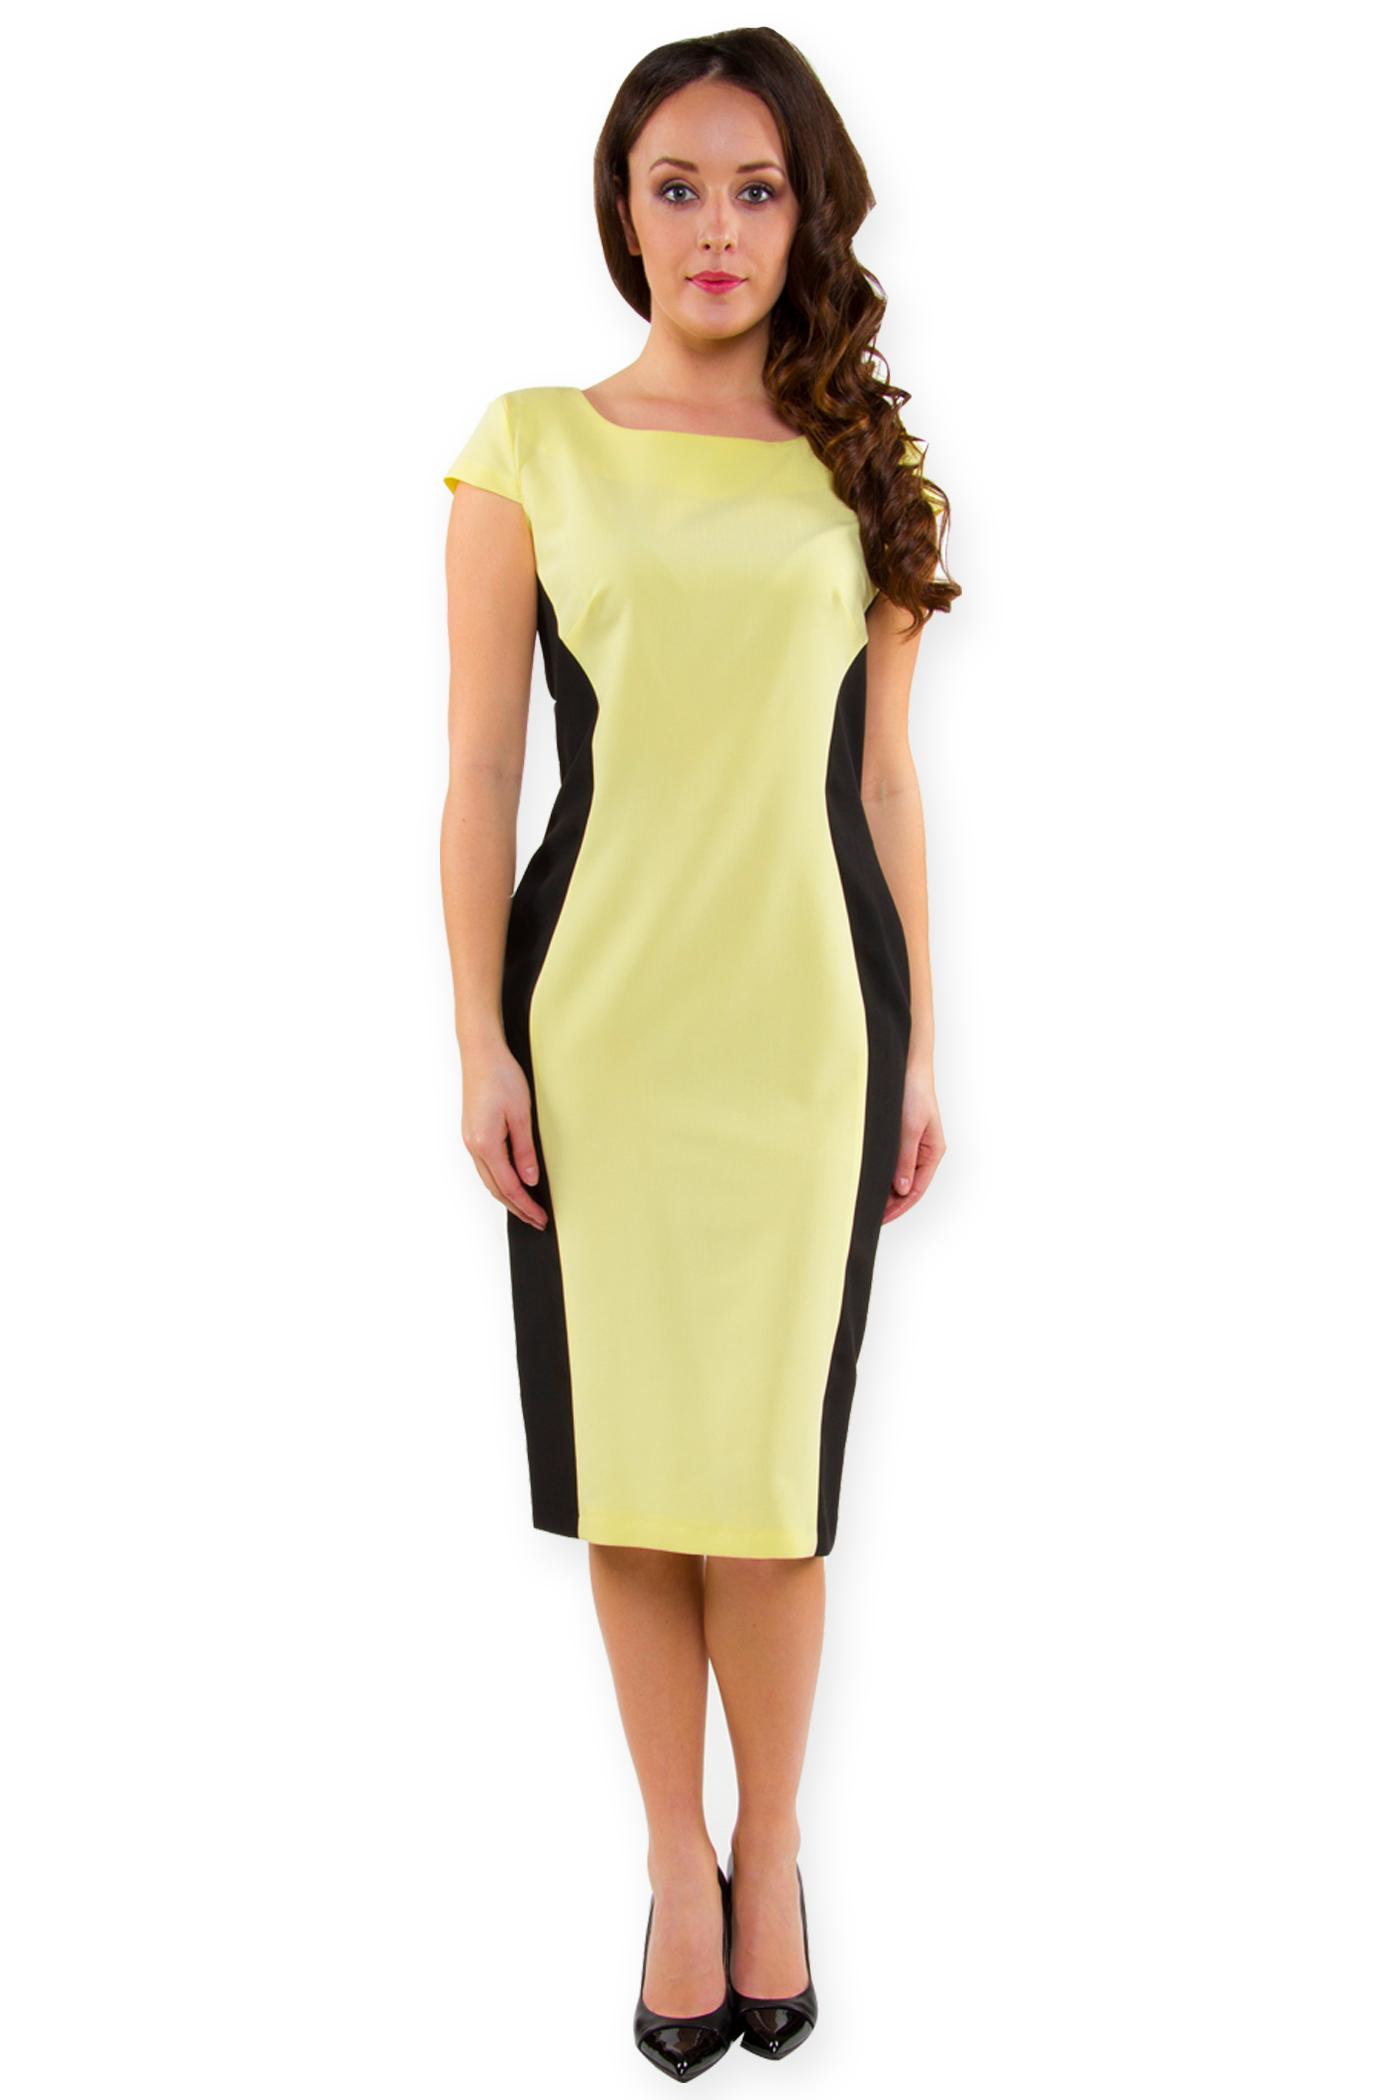 e7497c70eb Sukienka wysmuklająca letnia klepsydra żółta 52 - 6923848120 ...